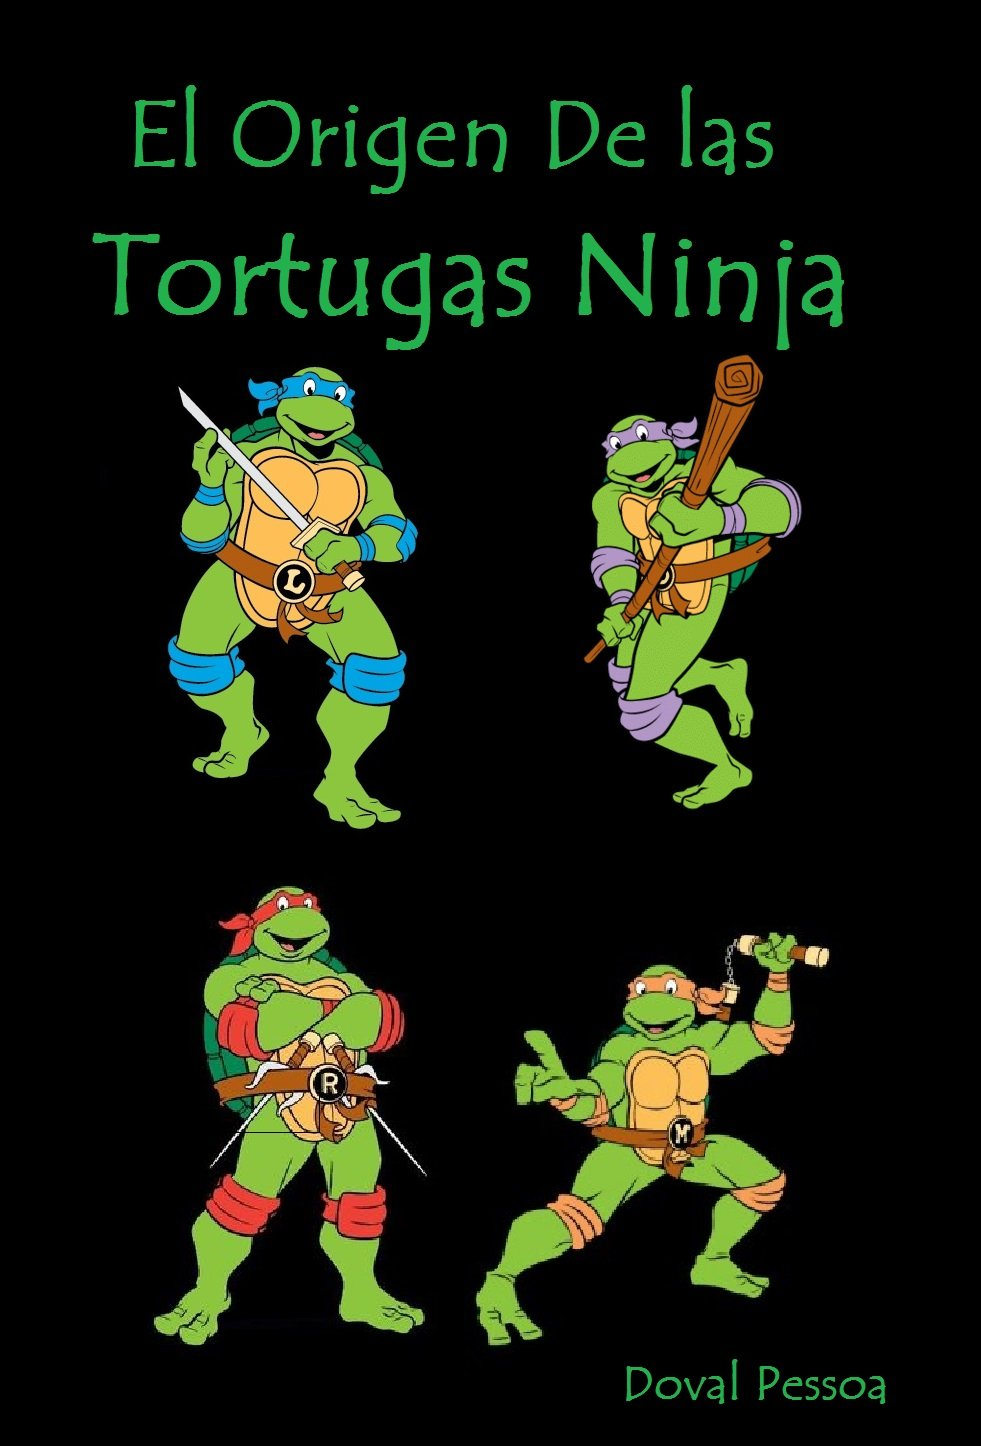 El Origen De las Tortugas Ninja eBook: Doval Pessoa: Amazon ...